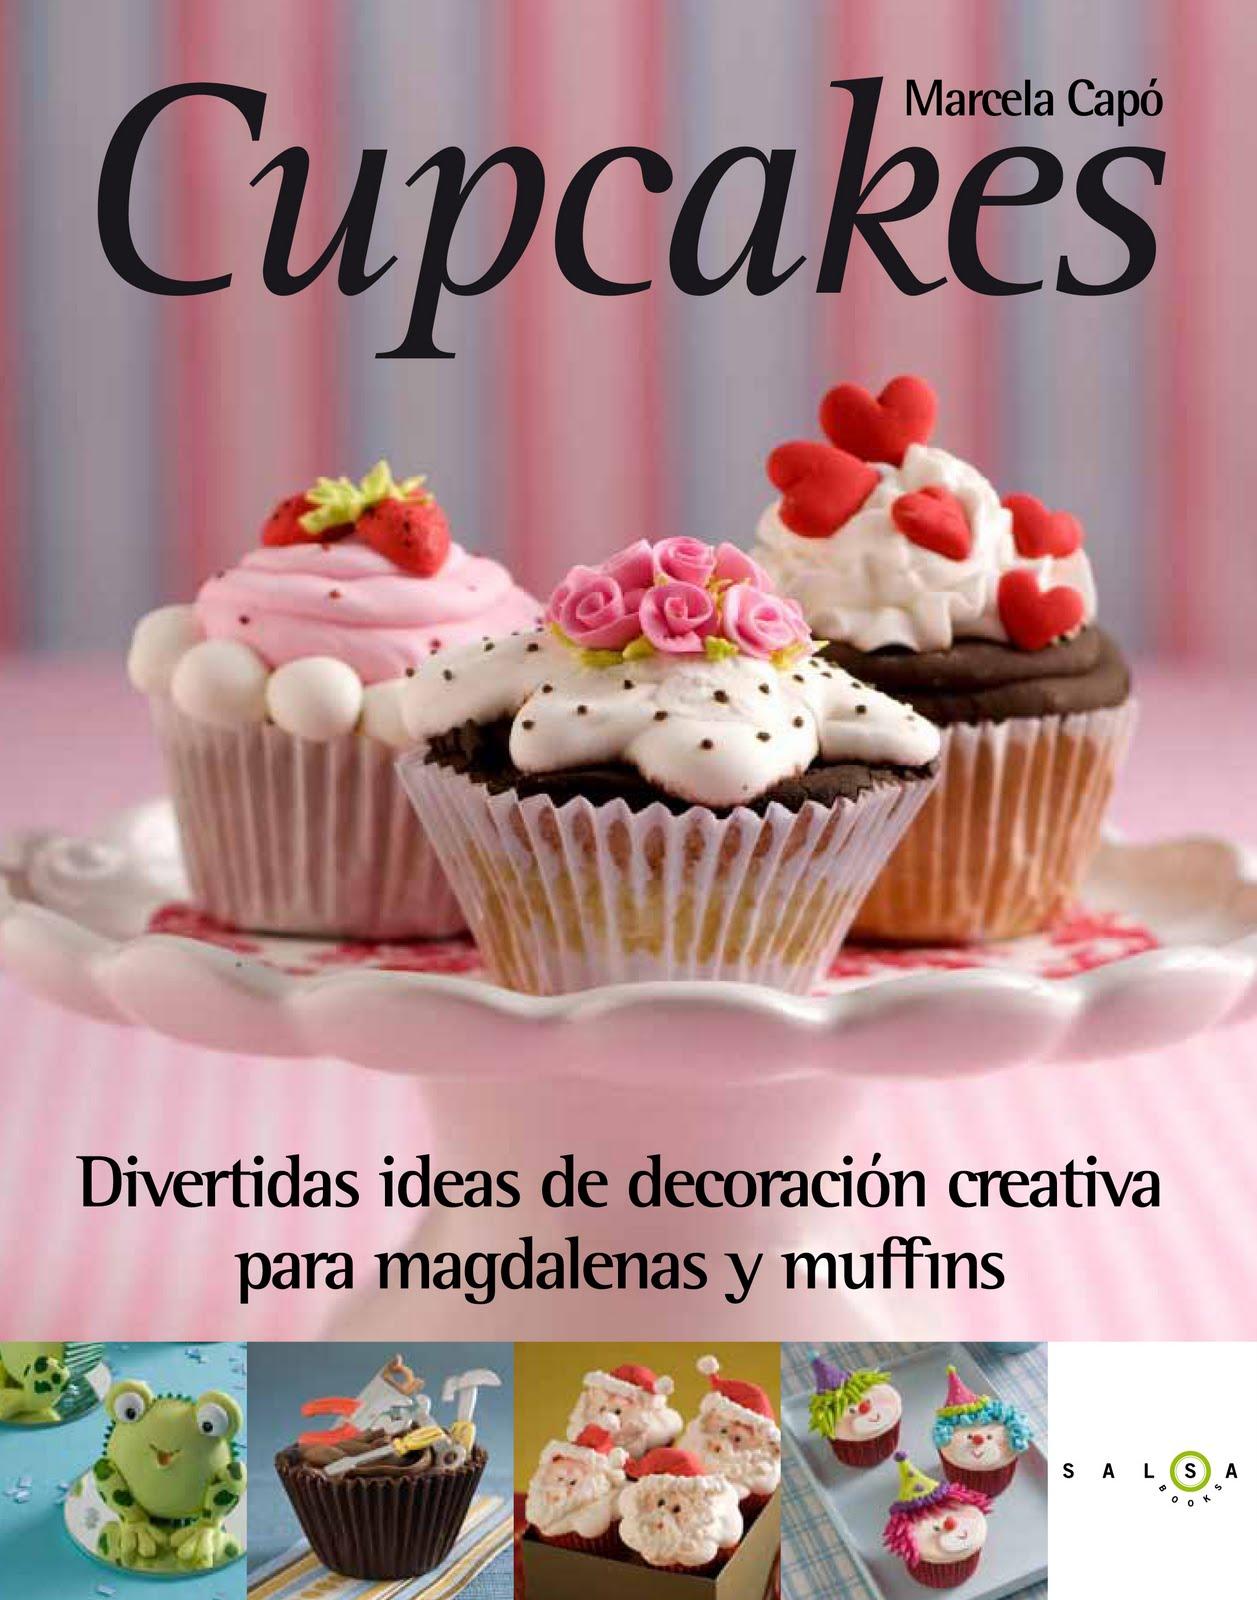 ... en Azúcar: YA TENEMOS A LA VENTA EL LIBRO CUPCAKES DE MARCELA CAPÓ